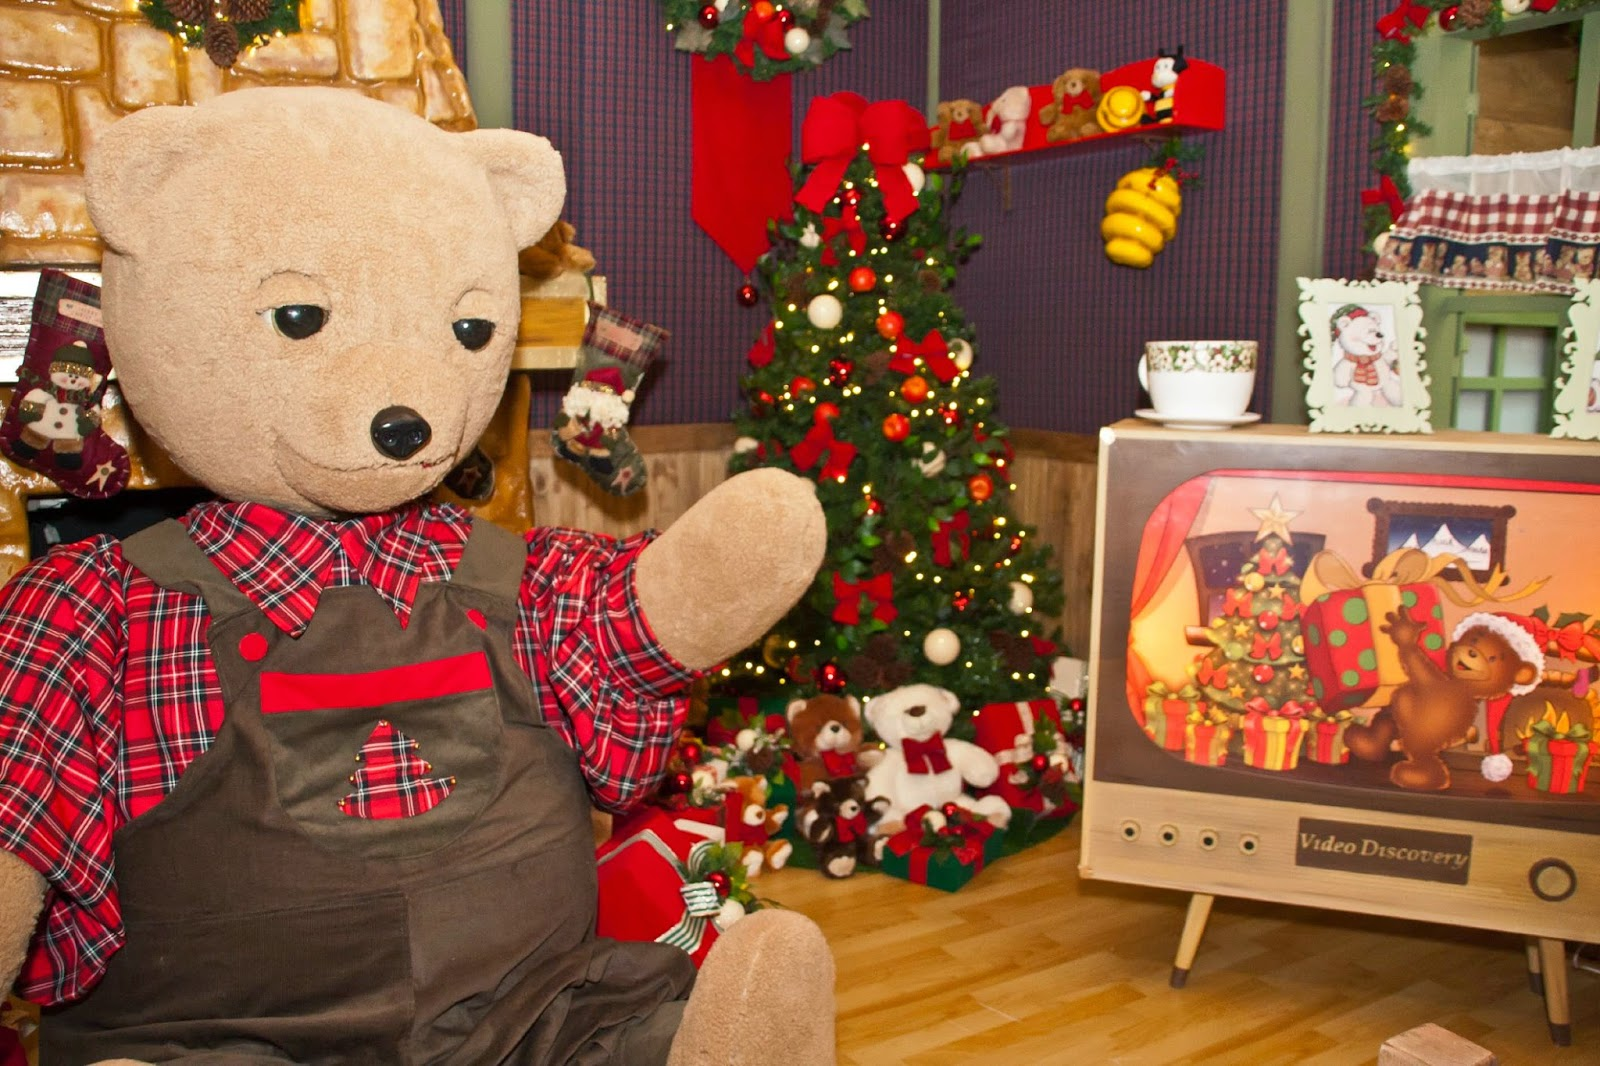 Cartinhas personalizadas para o Papai Noel e urso animatrônico que pode ser  acompanhado ao vivo pela internet 86b4438333